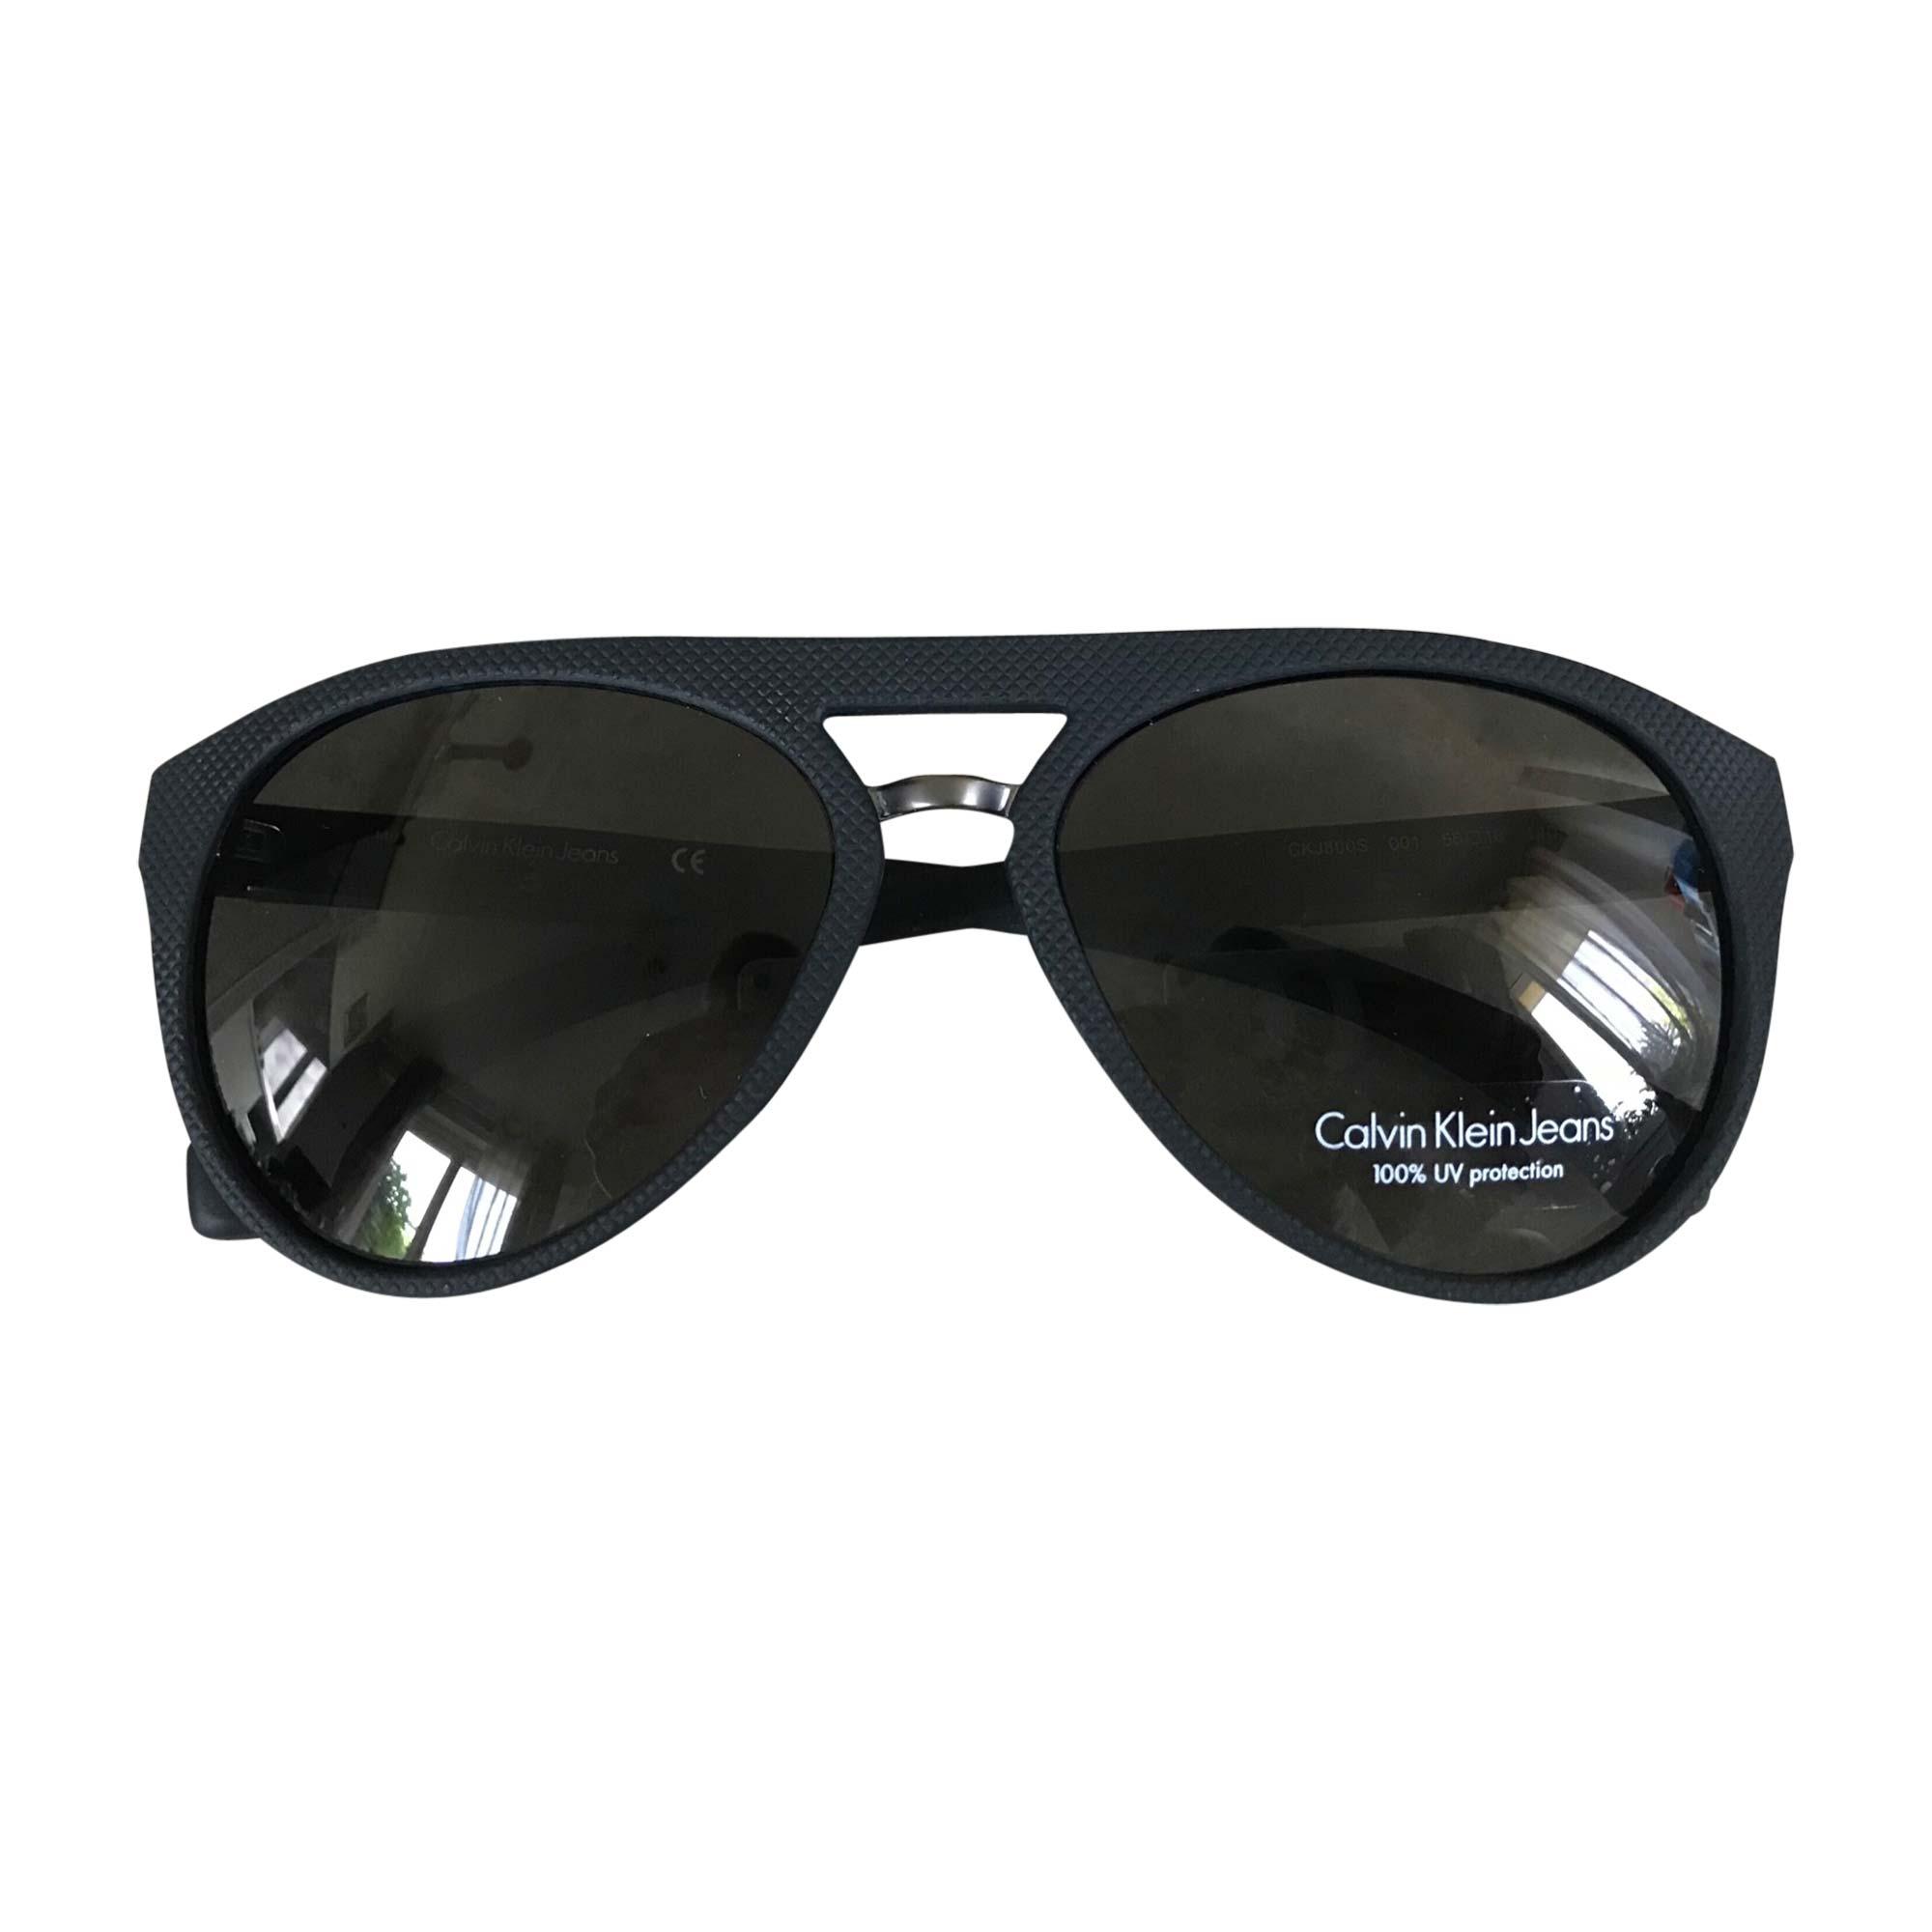 Lunettes de soleil CALVIN KLEIN noir vendu par Dressing de marque ... 6df98ef3722d